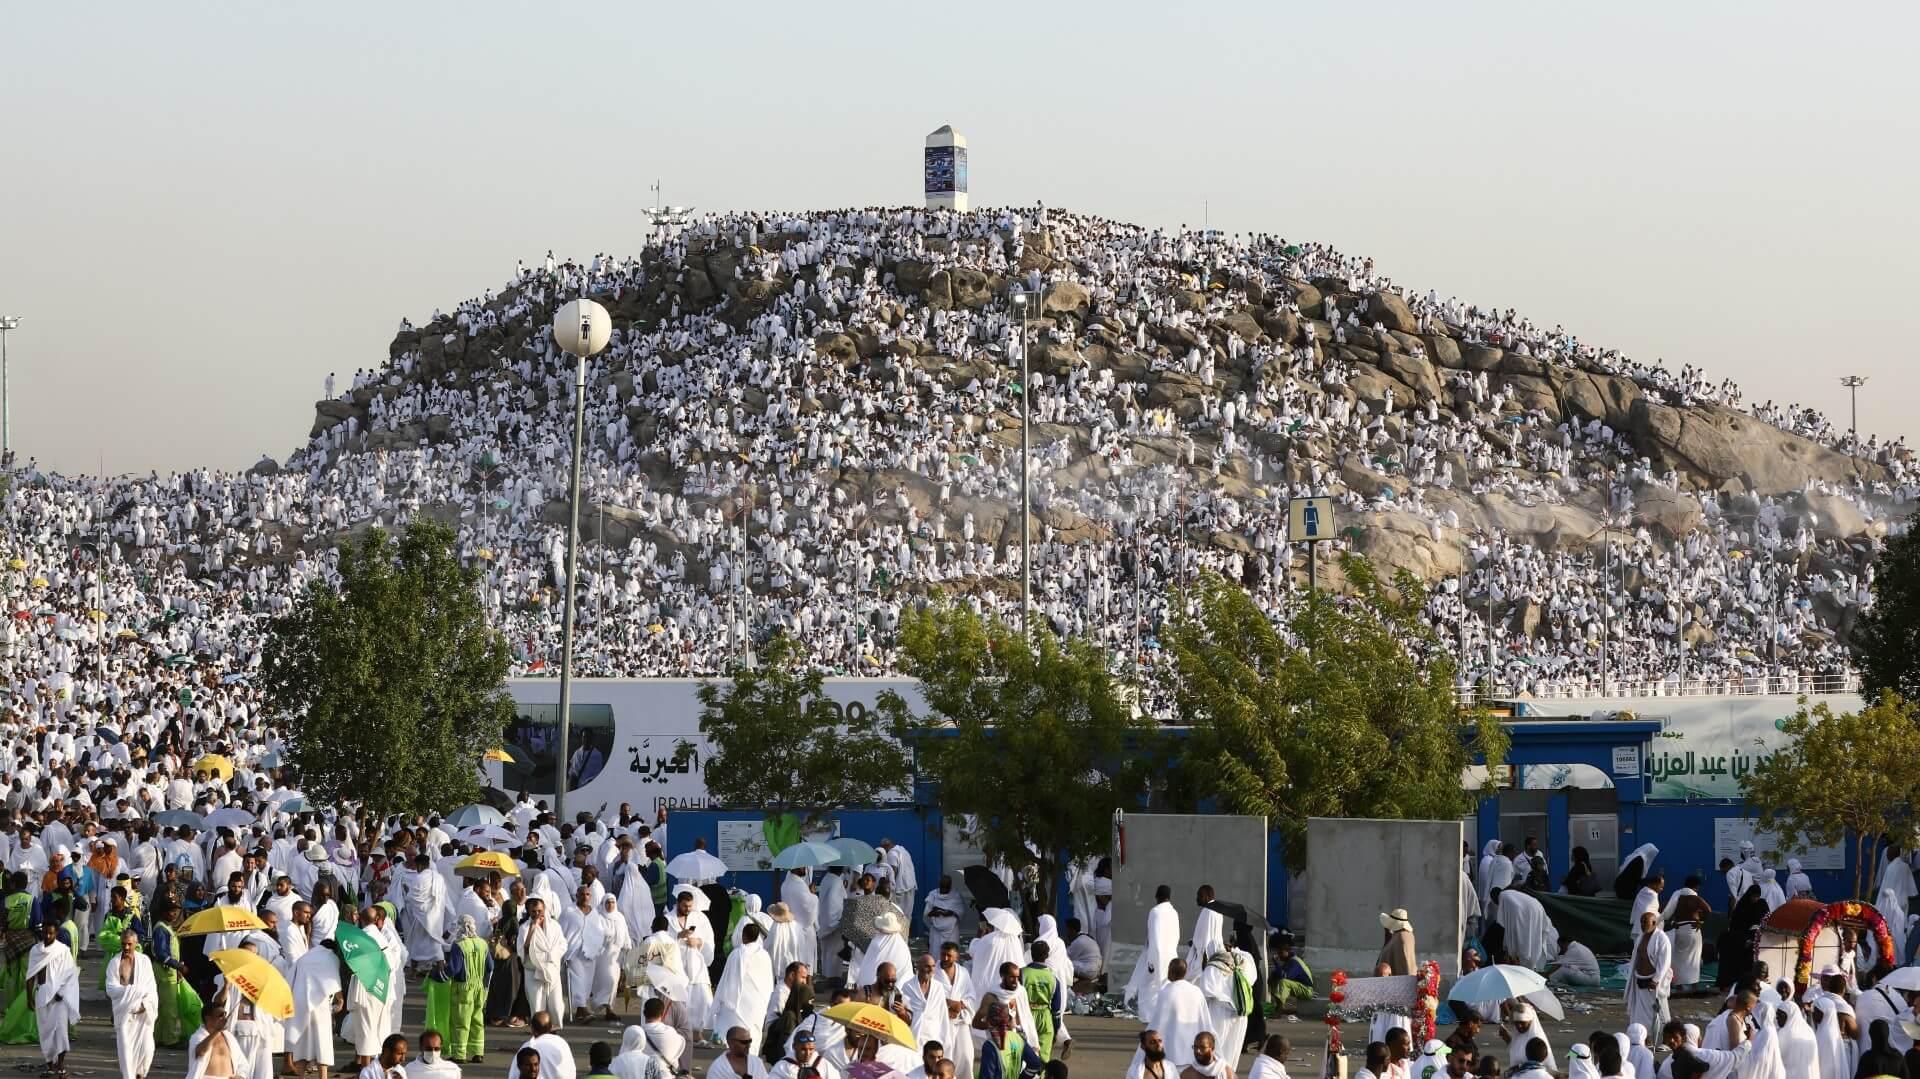 السياحة الدينية في السعودية -موقع كوكيز بالعربي - جبل عرفة 4